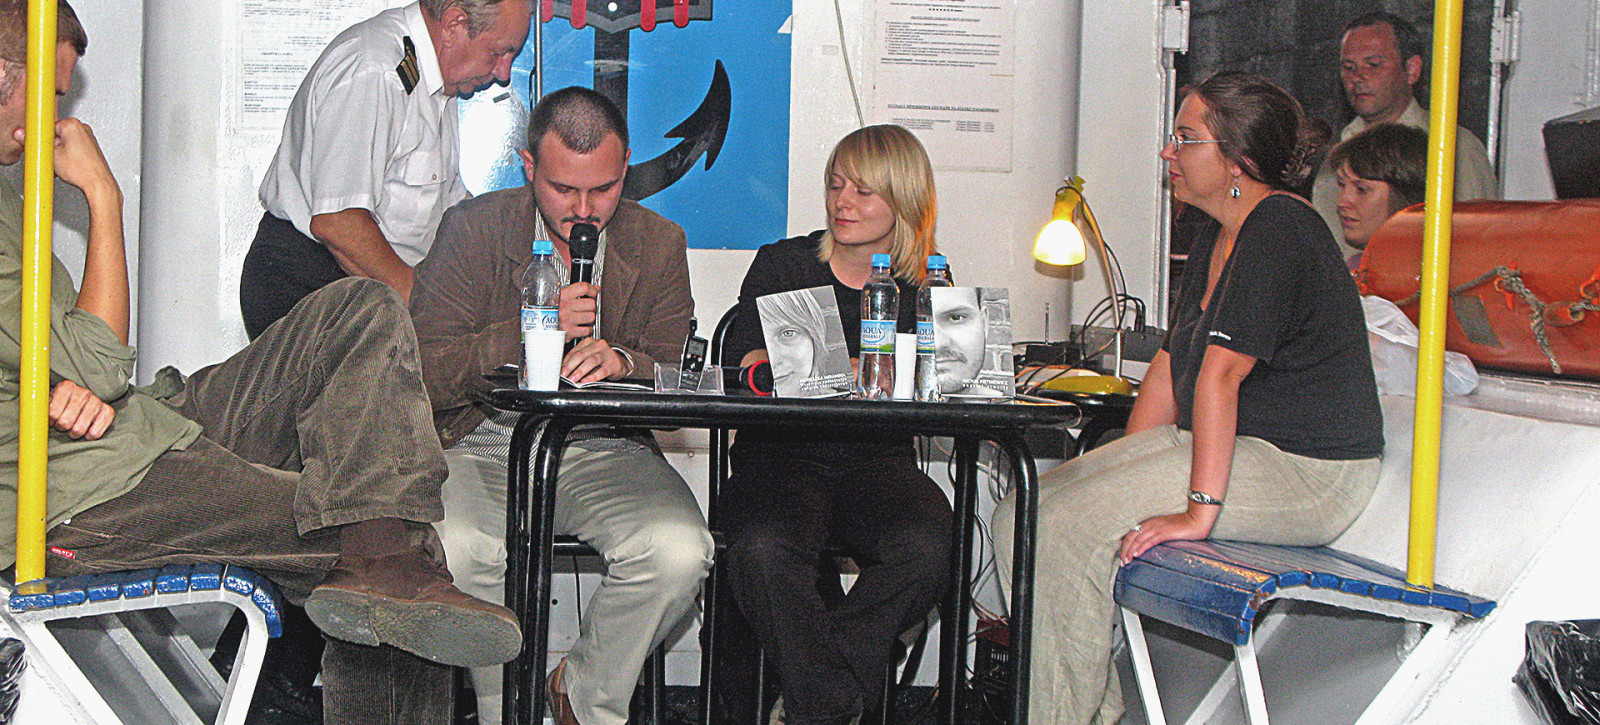 23_ZDJĘCIA__Sławomir ELSNER, Jakub WOJCIECHOWSKI, Bohdan ZADURA __Otwarcie w Porcie Literackim 2008